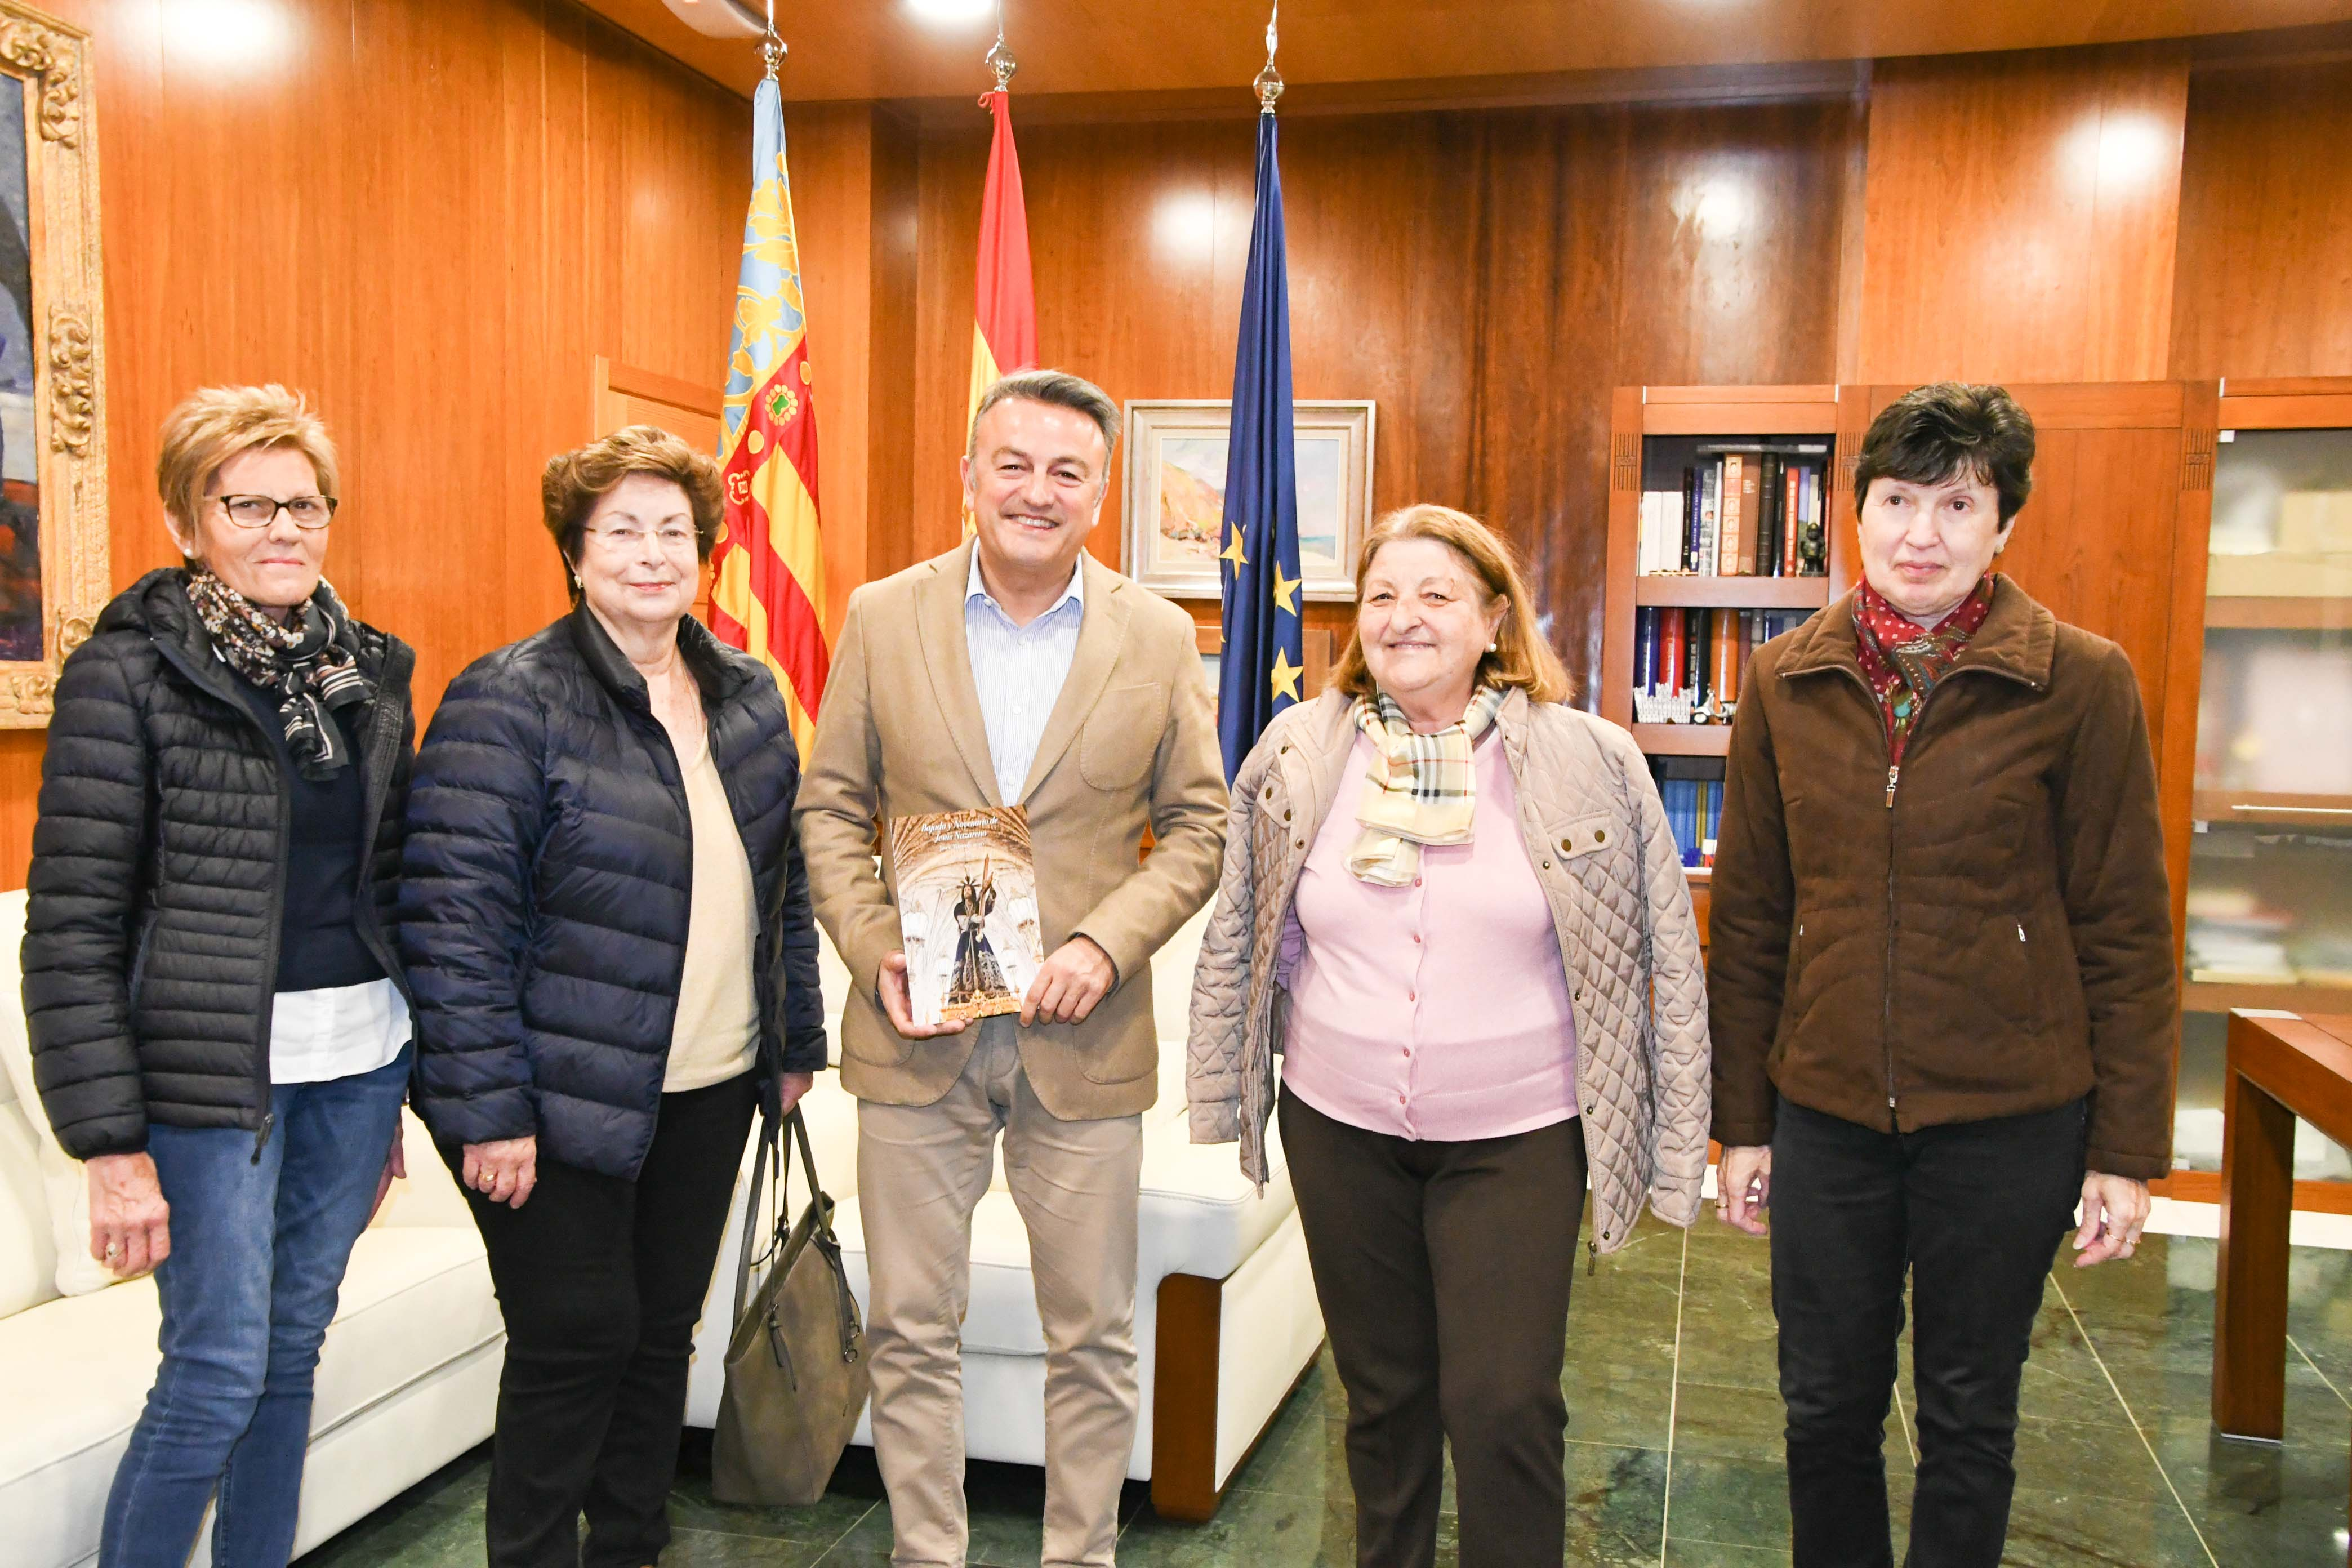 La cofradía de mujeres del Nazareno visitan al alcalde